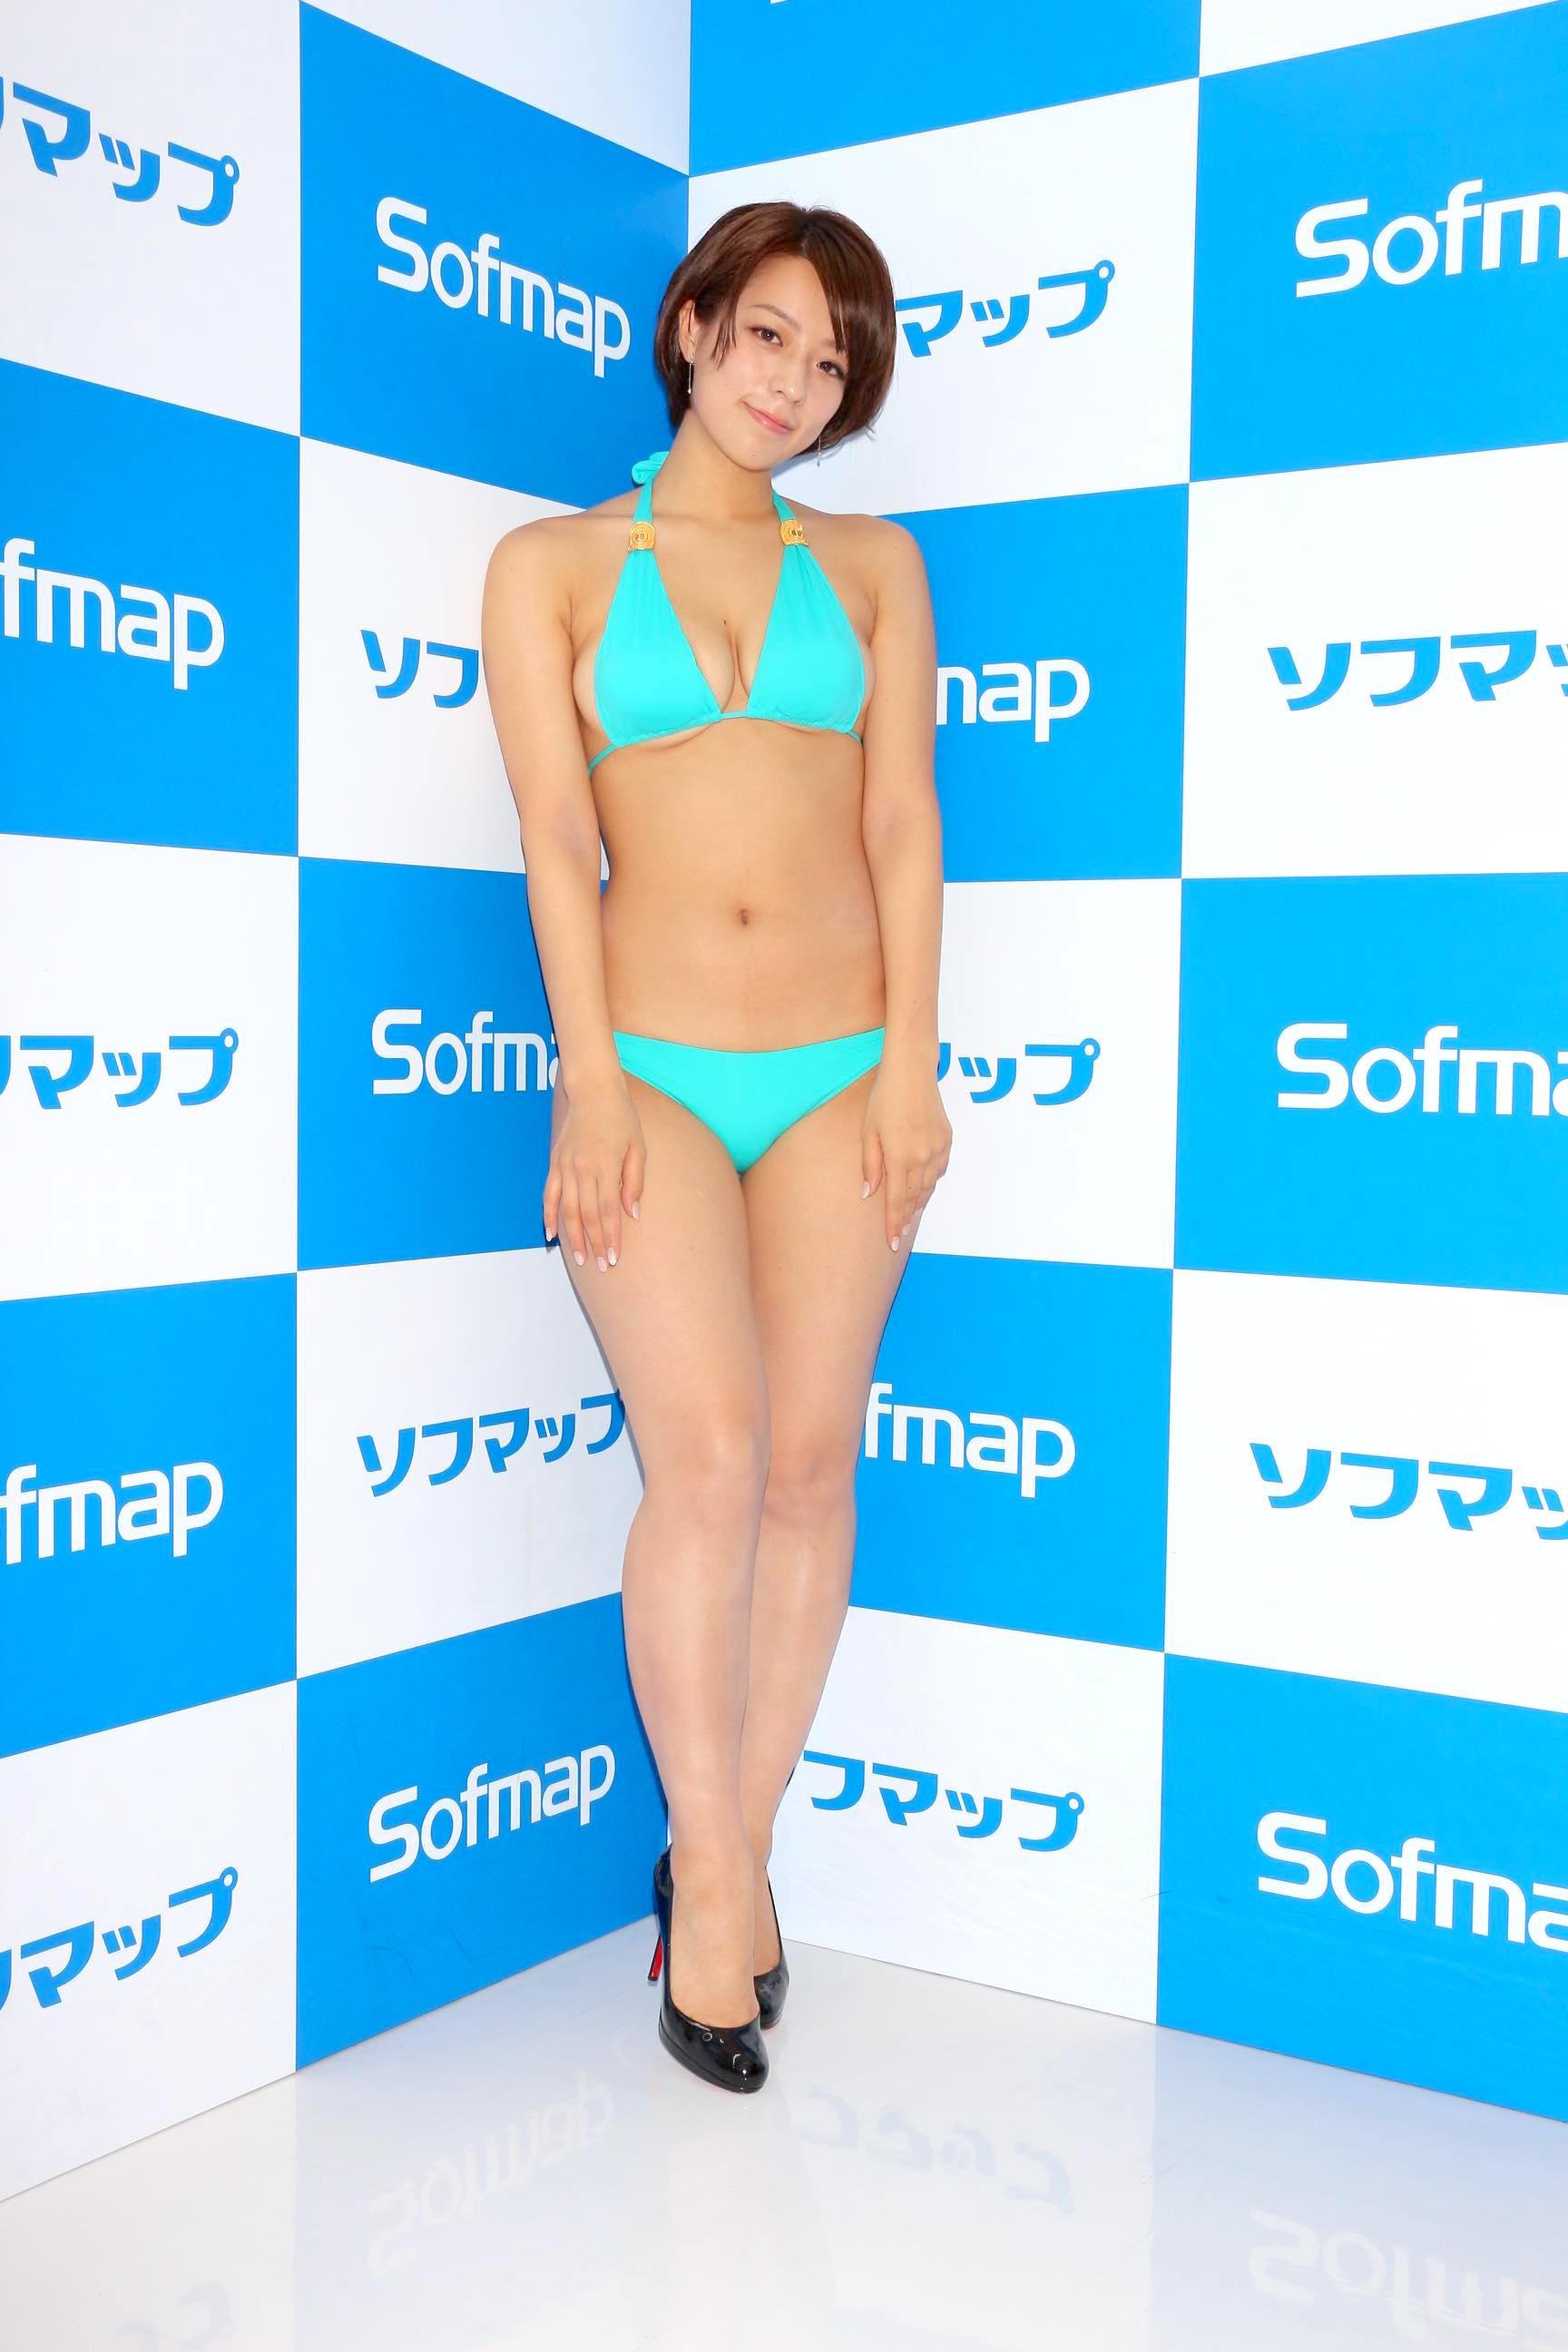 小瀬田麻由「ハァハァしちゃった」テラハ美女がビキニで悶絶!【写真22枚】の画像001